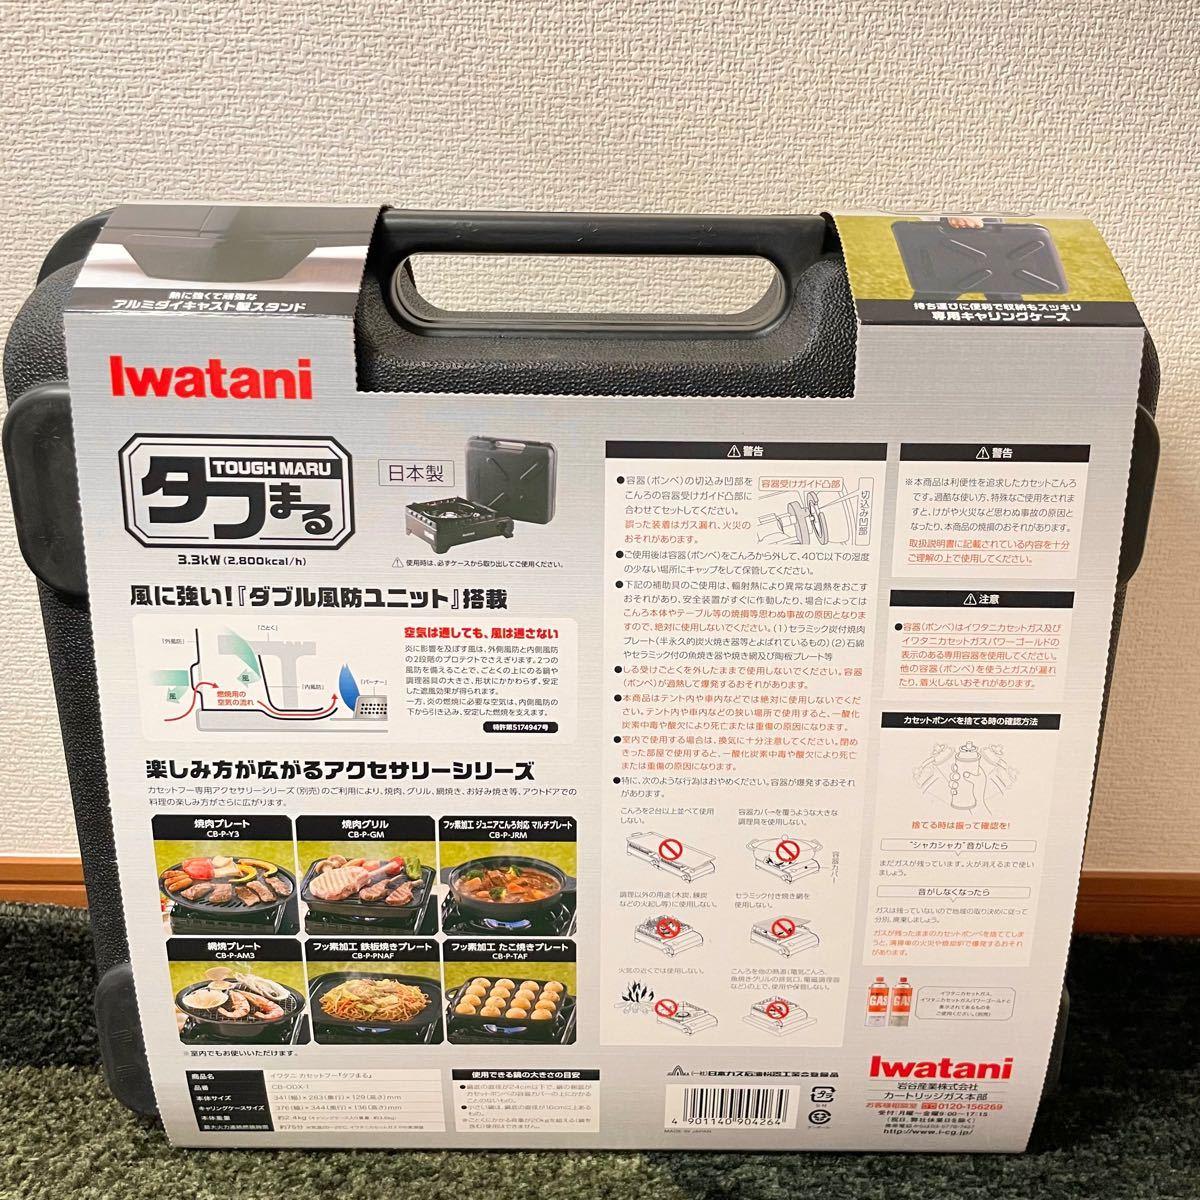 【新品・未開封】 イワタニ カセットコンロ カセットフー タフまる CB-ODX-1